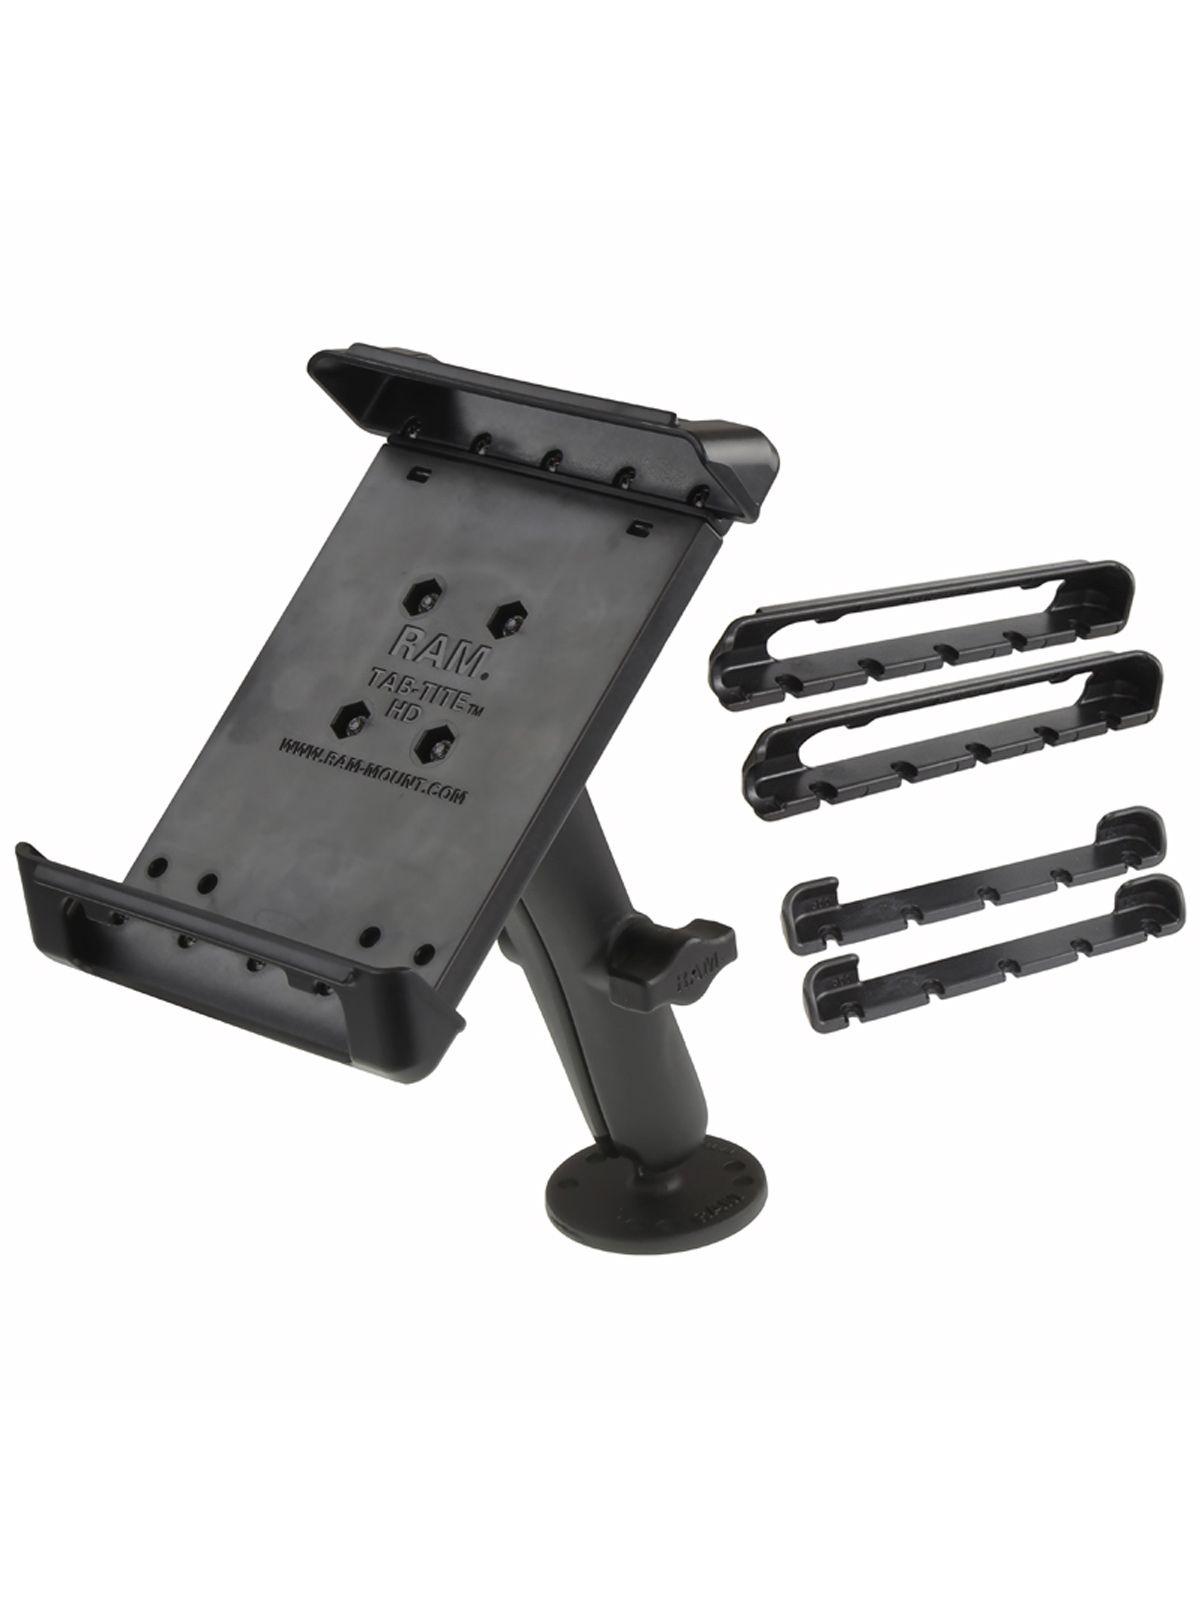 RAM Mounts Aufbau-Halterung 7 Zoll Tablets - B-Kugel (1 Zoll), runde Basisplatte (AMPS), langer Verbindungsarm